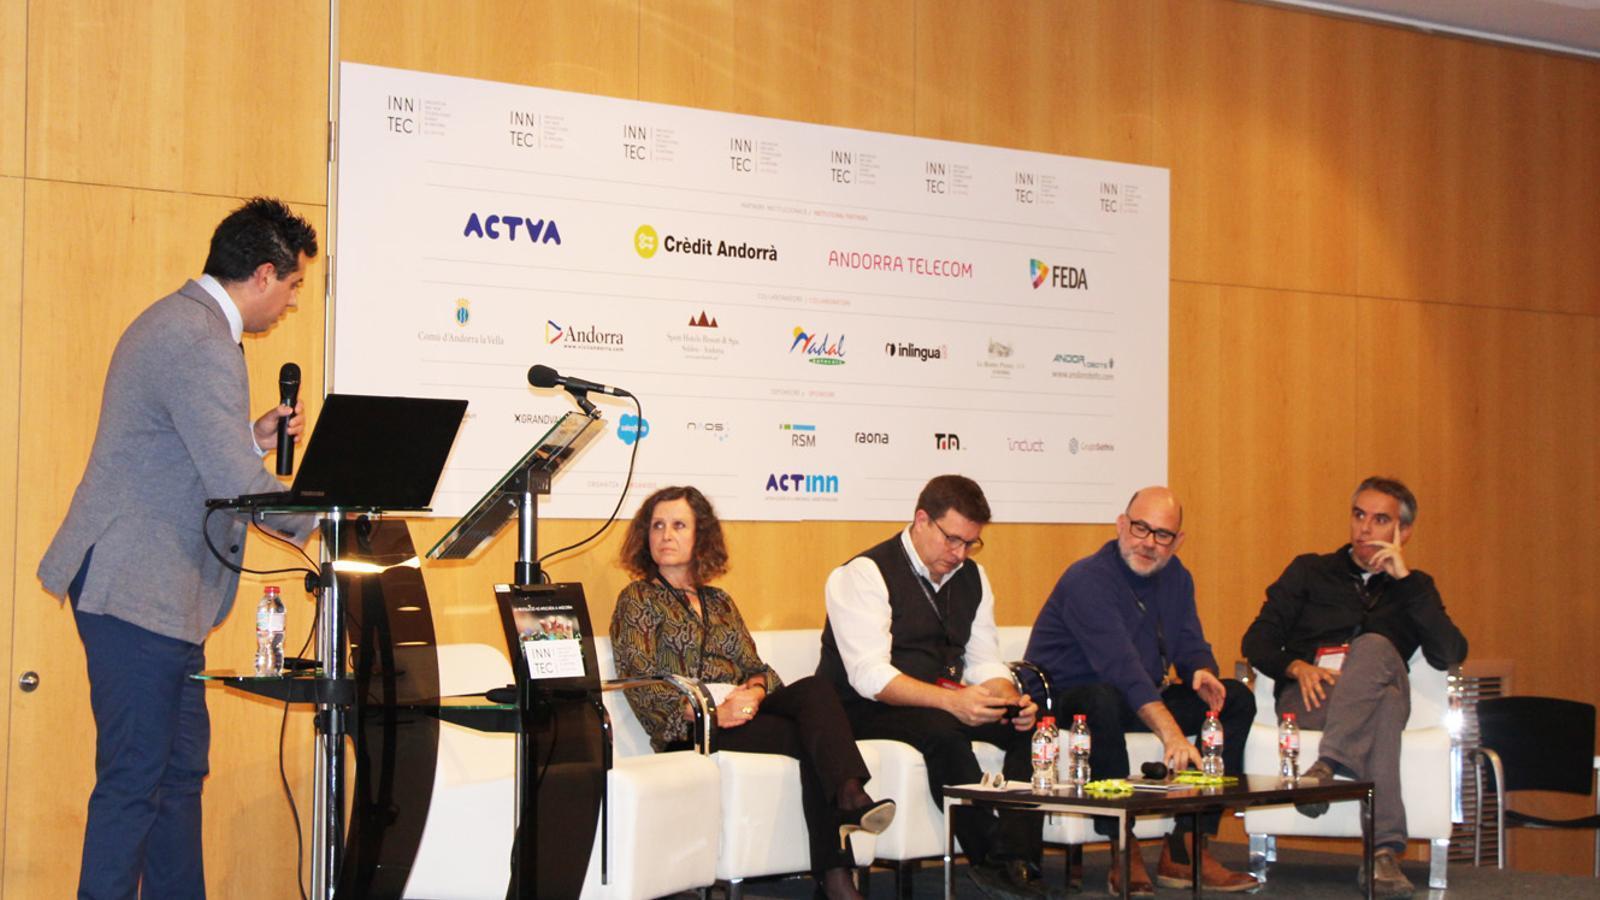 Els quatre ponents de la taula rodona 'Innovant en l'oferta turística i comercial': la directora de la Cambra de Comerç, Indústria i Serveis d'Andorra, Pilar Escaler; el director de Desenvolupament de Negocis d'Eurecat (el Centre Tecnològic de Catalunya), Xavier Sastre; el director general de la Fundaqció Alícia, Toni Massanés; i el CEO d'Ensisa, David Hidalgo, durant la jornada Inntec. / E. J. M. (ANA)